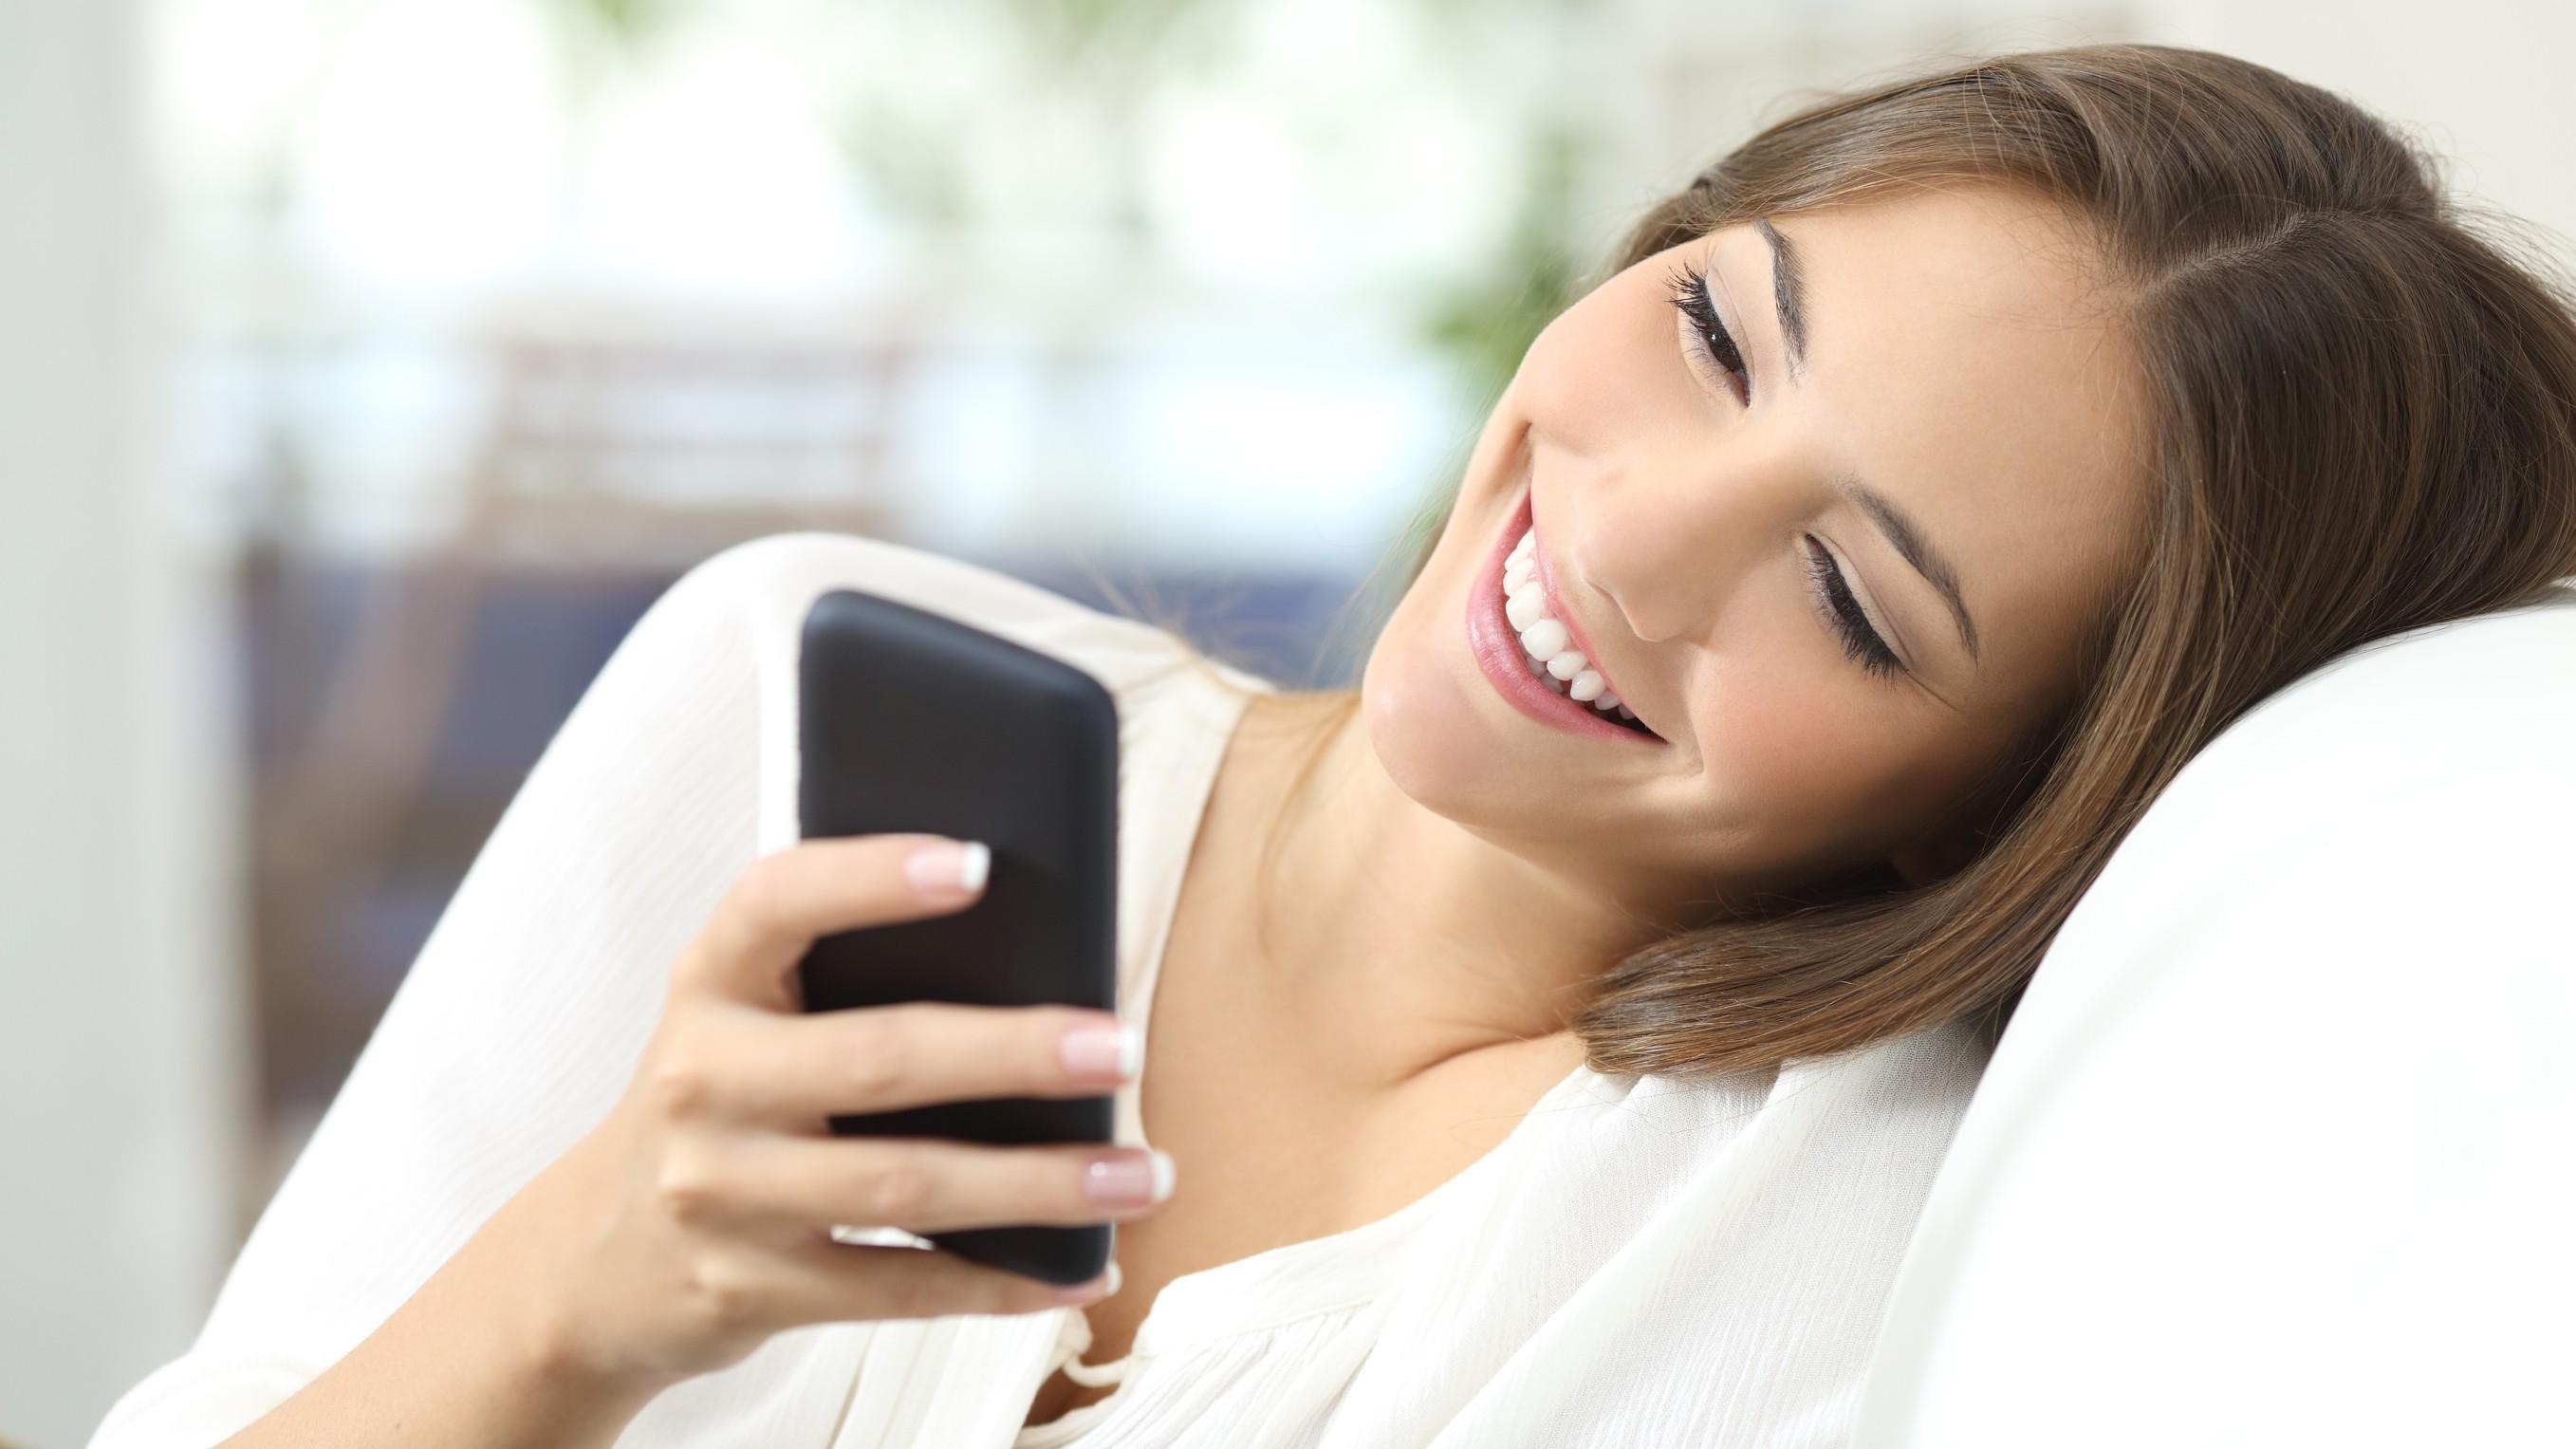 Virtueller Freund Die App für einsame Singles